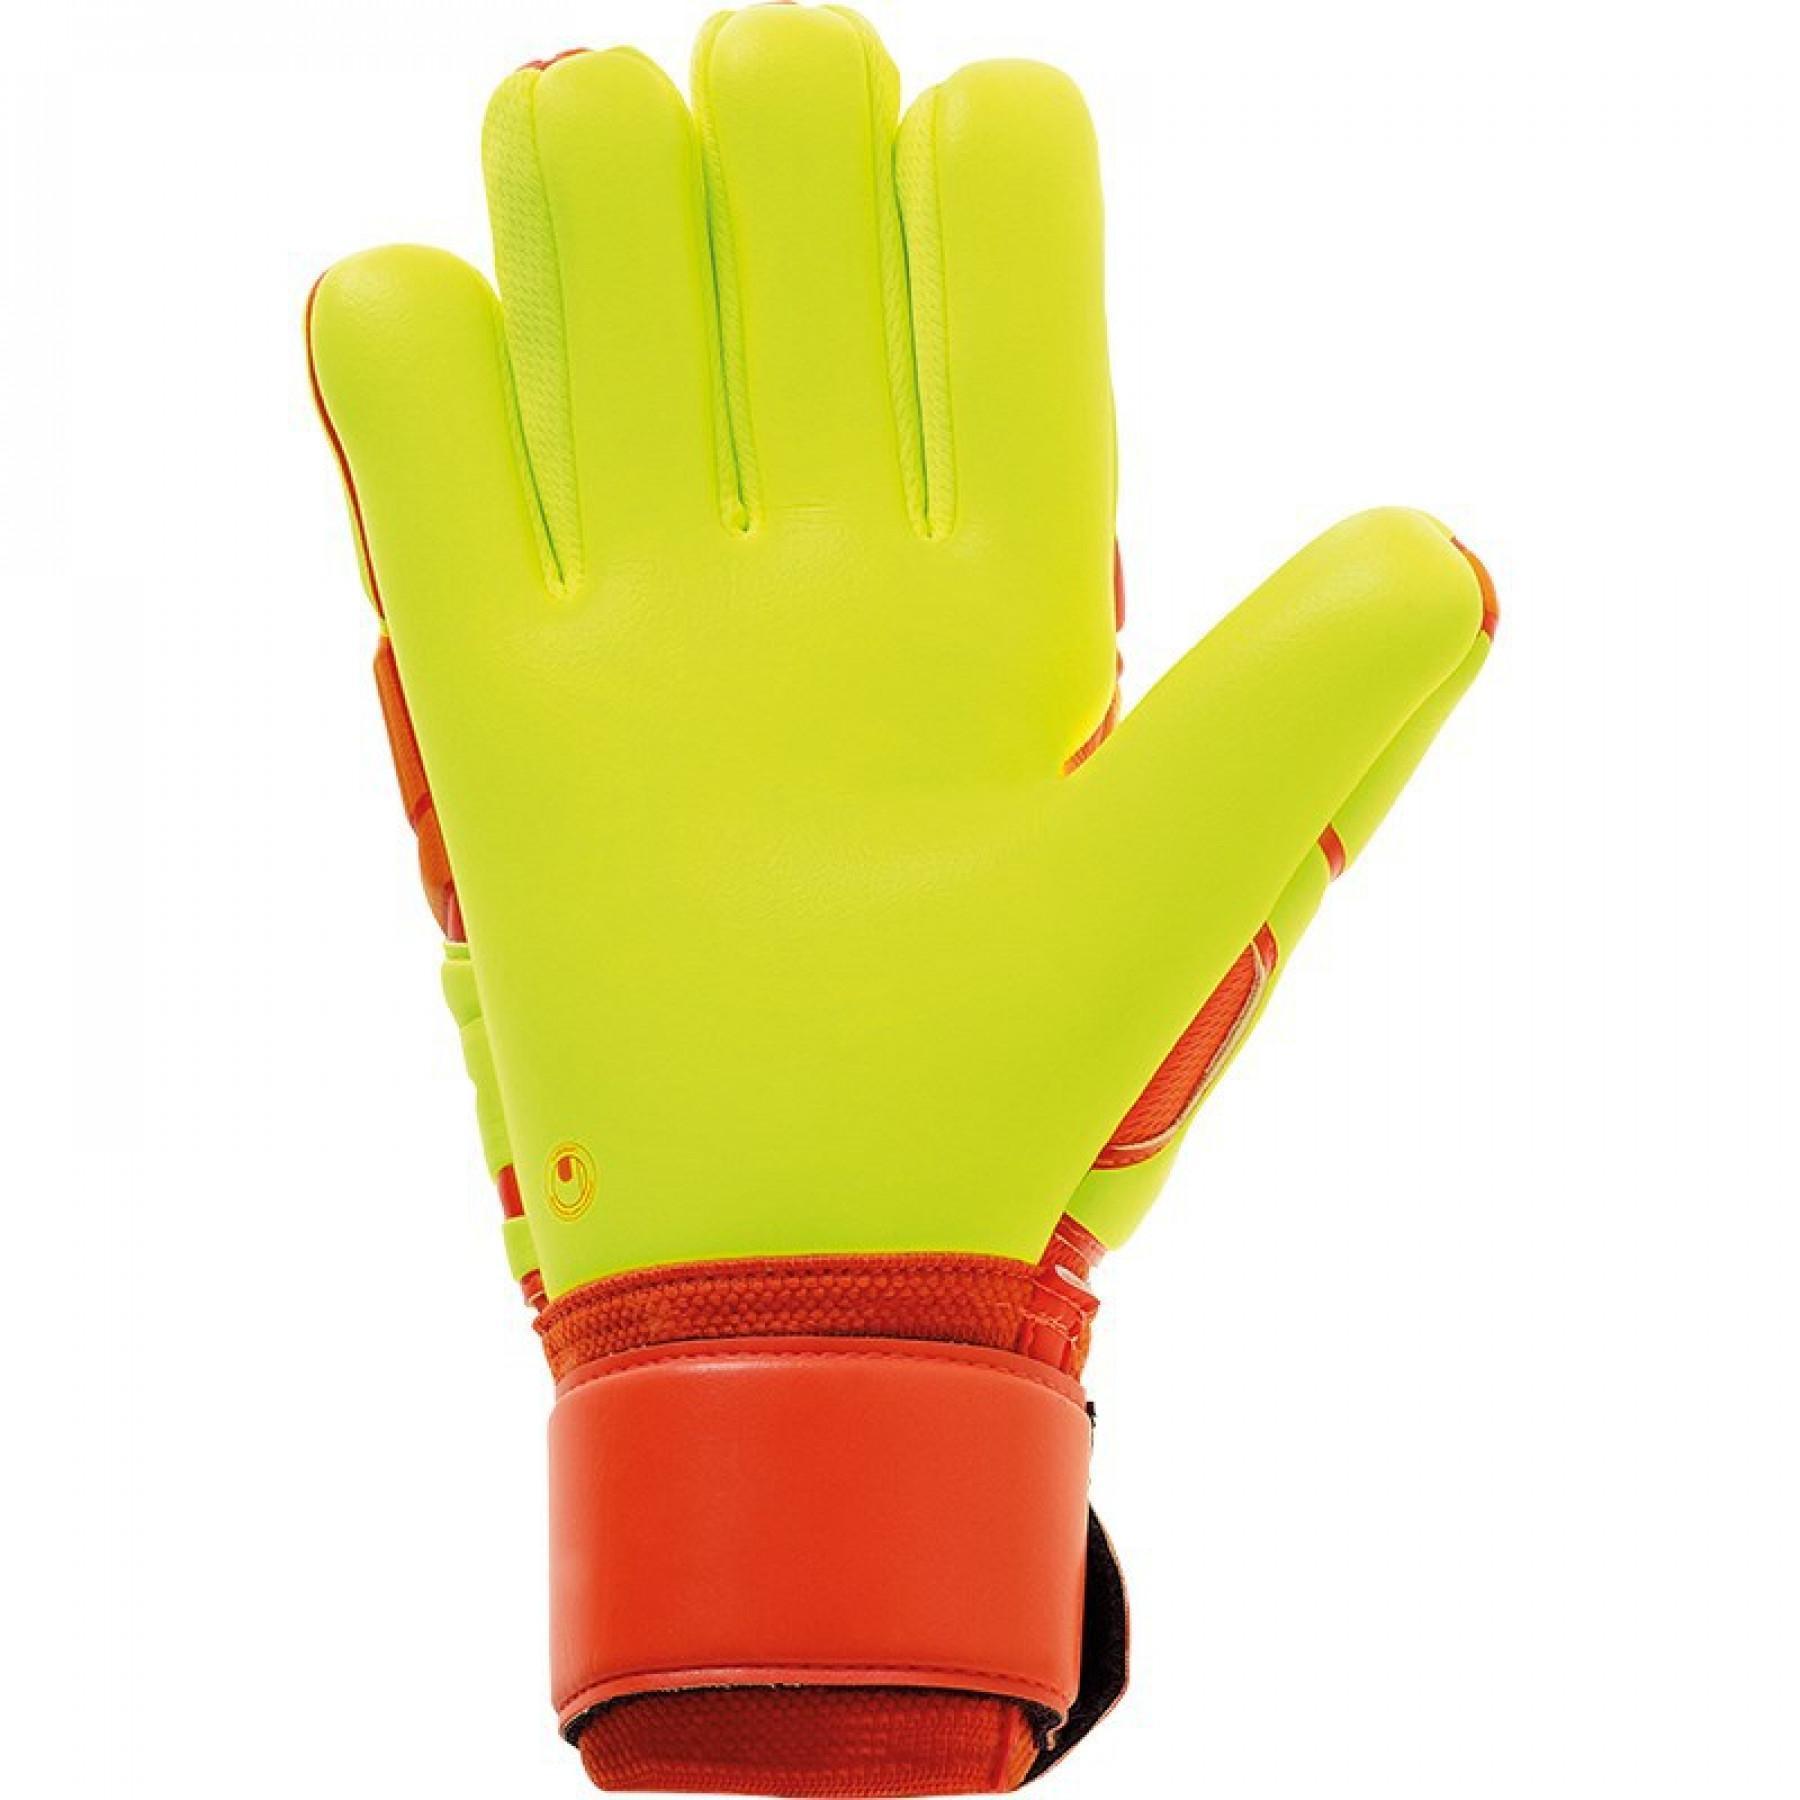 Uhlsport Dynamic Impulse Supersoft HN  Goalkeeper Gloves